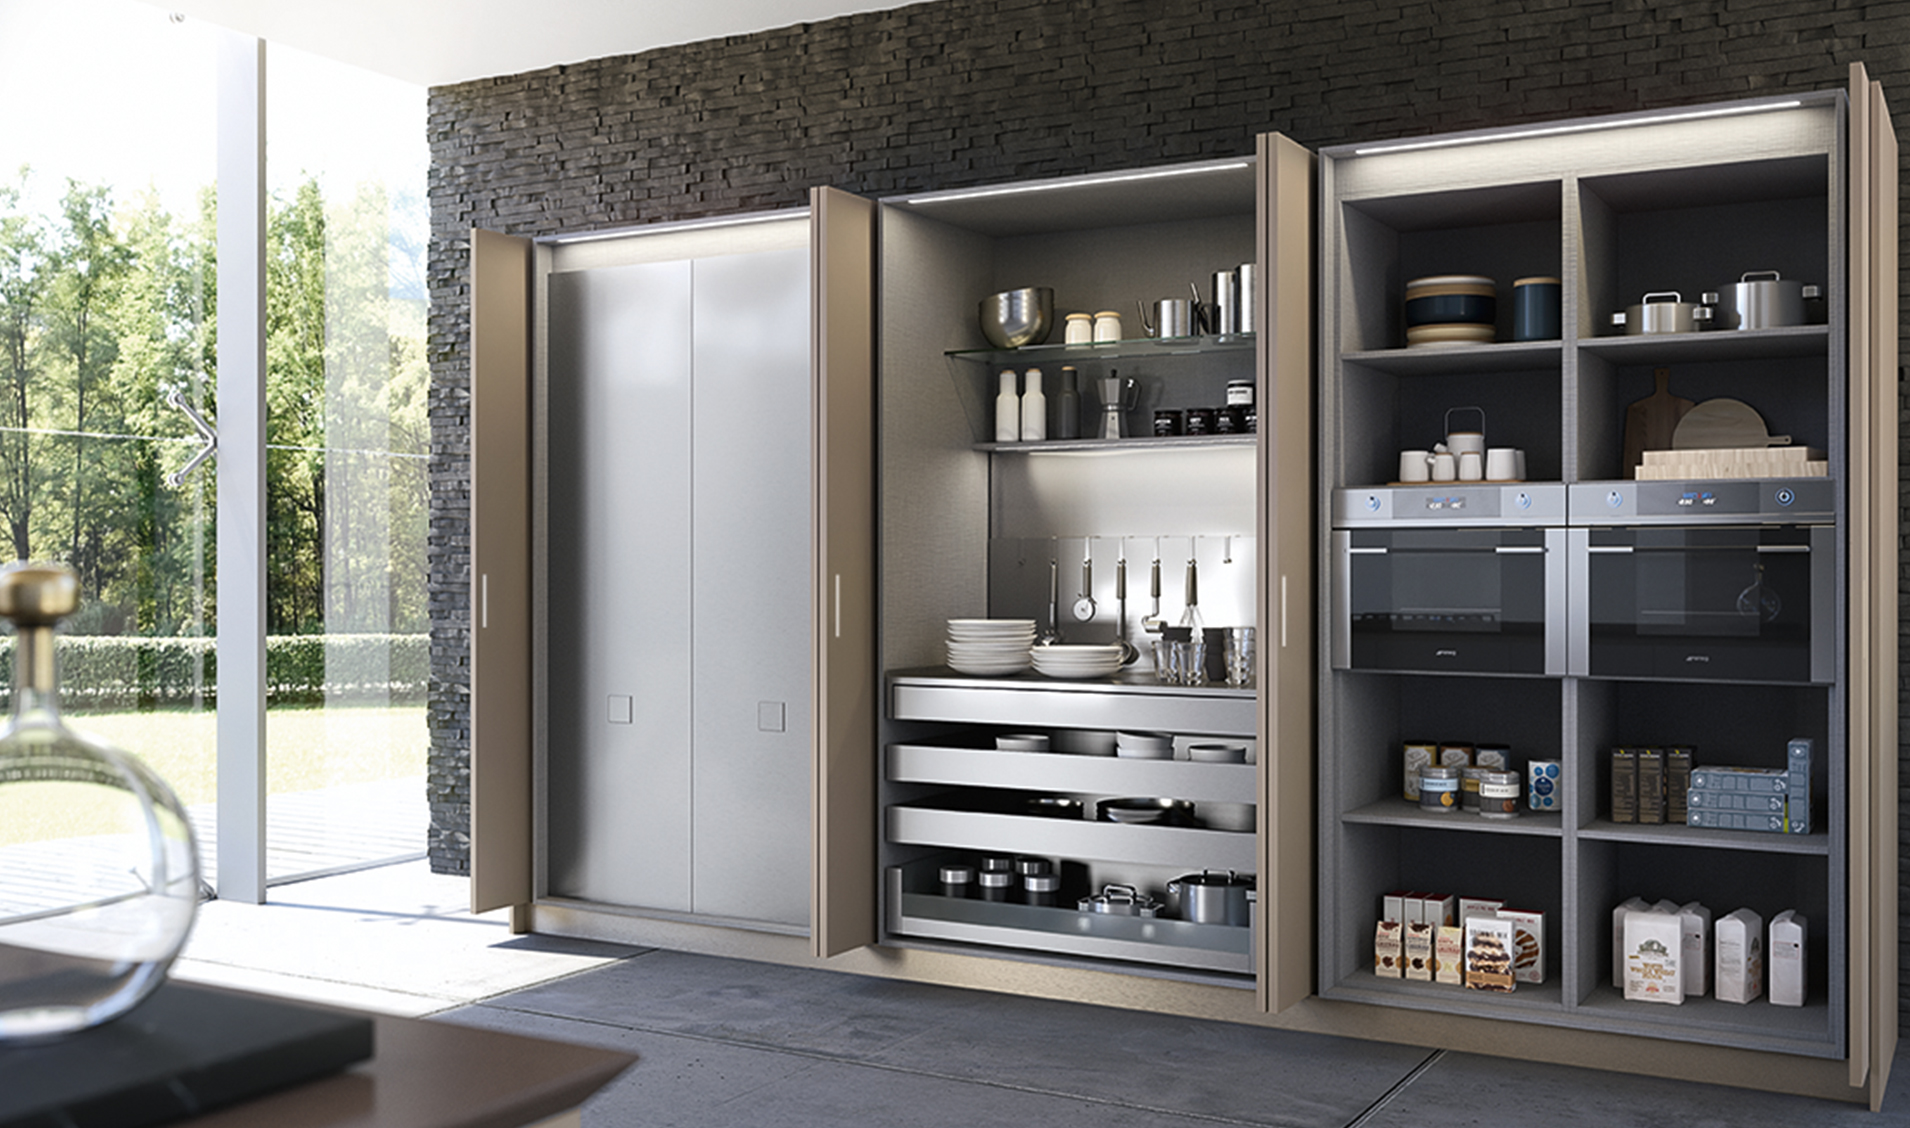 Cucine Cover Aran: Cucine componibili che cambiano aspetto ...